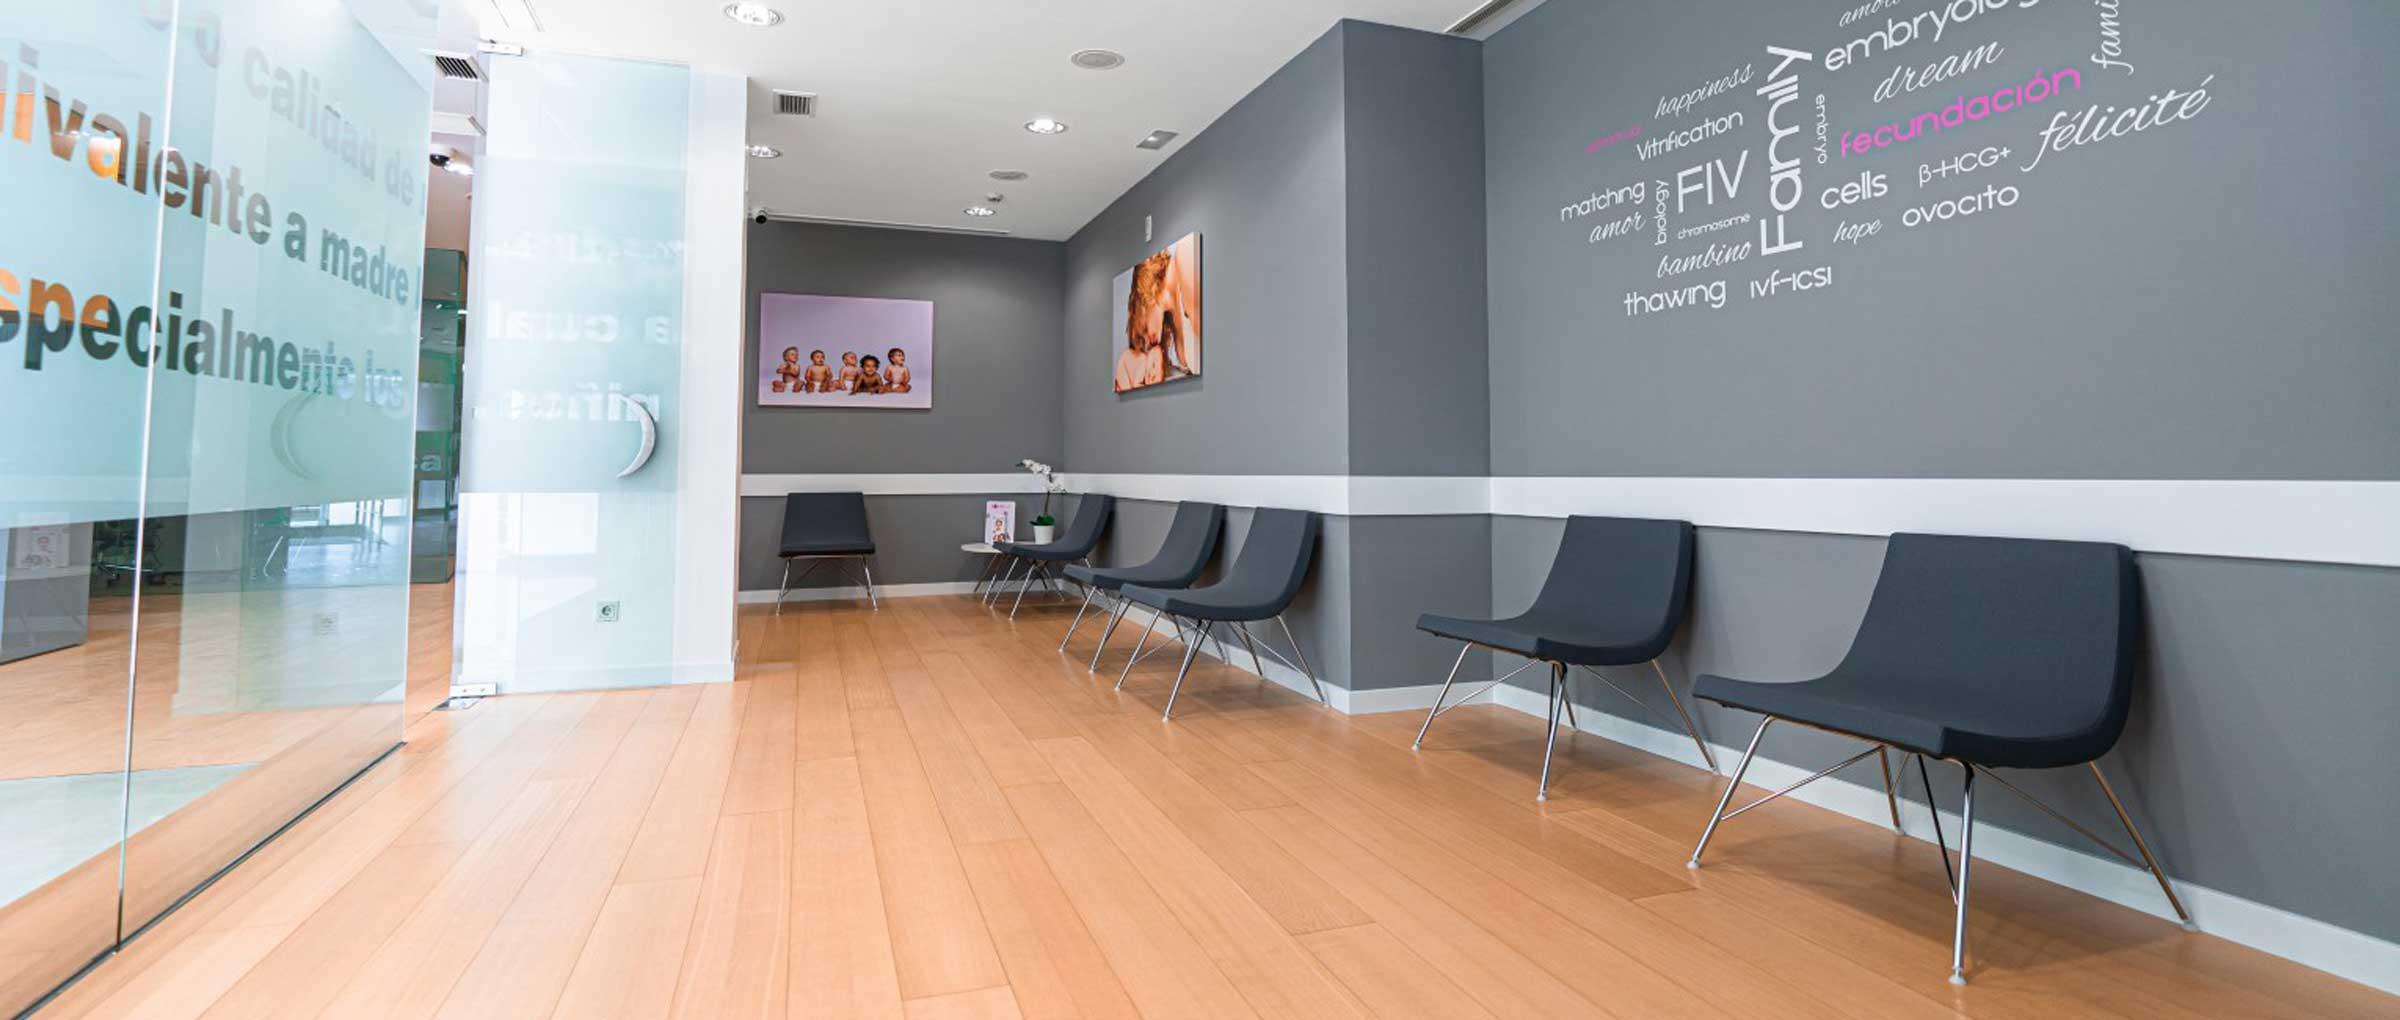 Sala de espera para pacientes